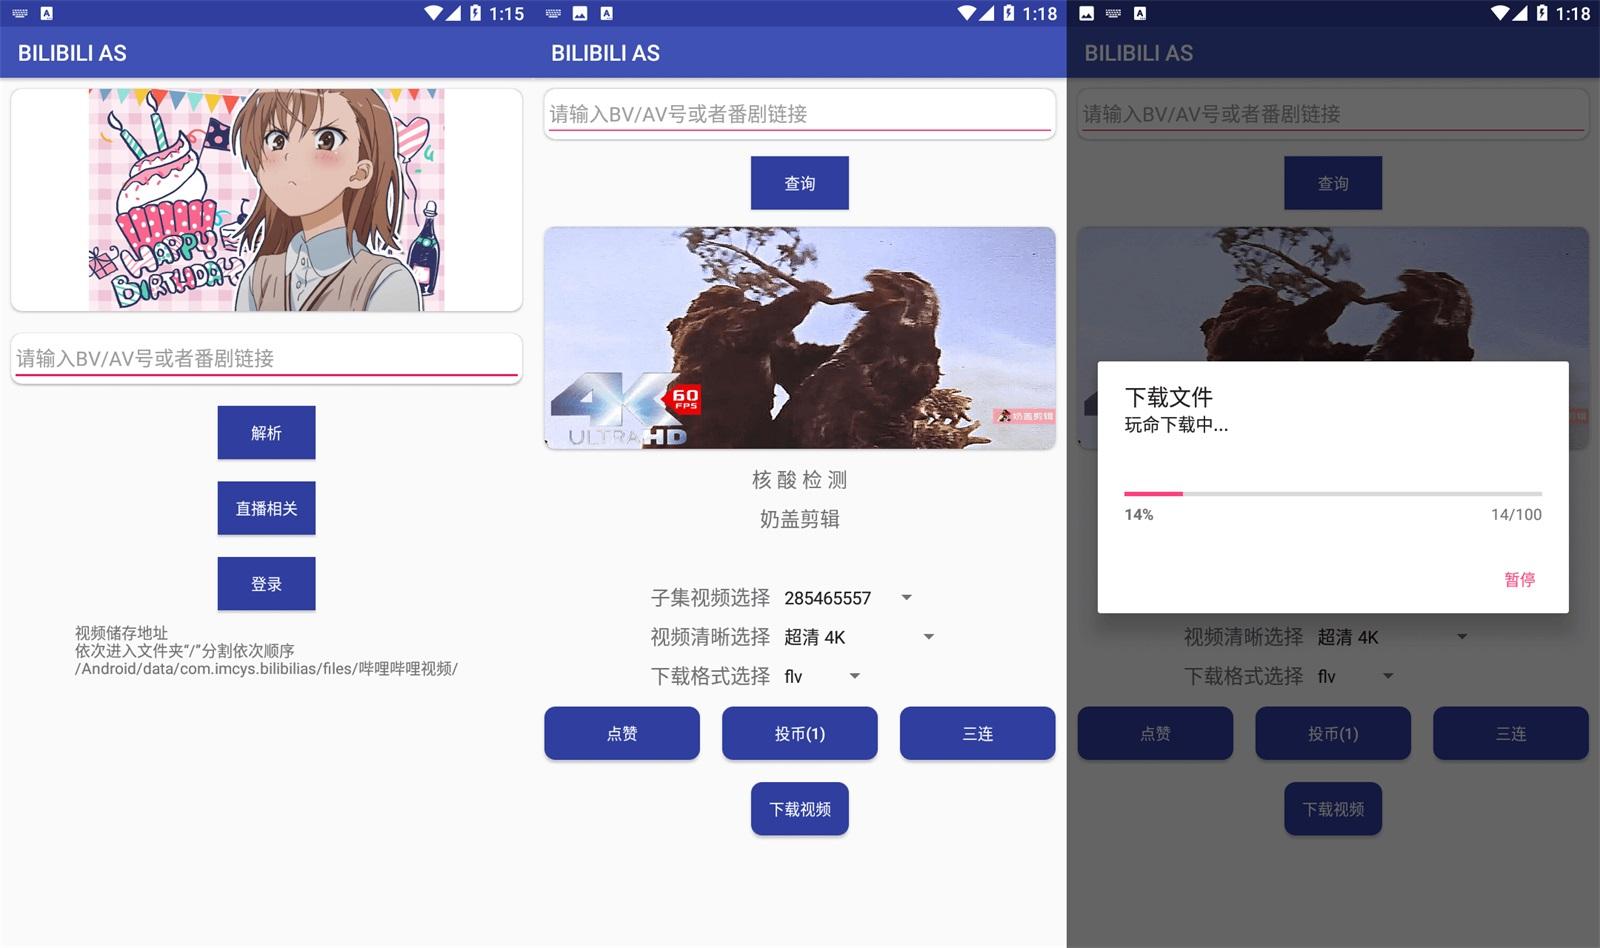 安卓B站视频下载助手v1.0.6-云奇网